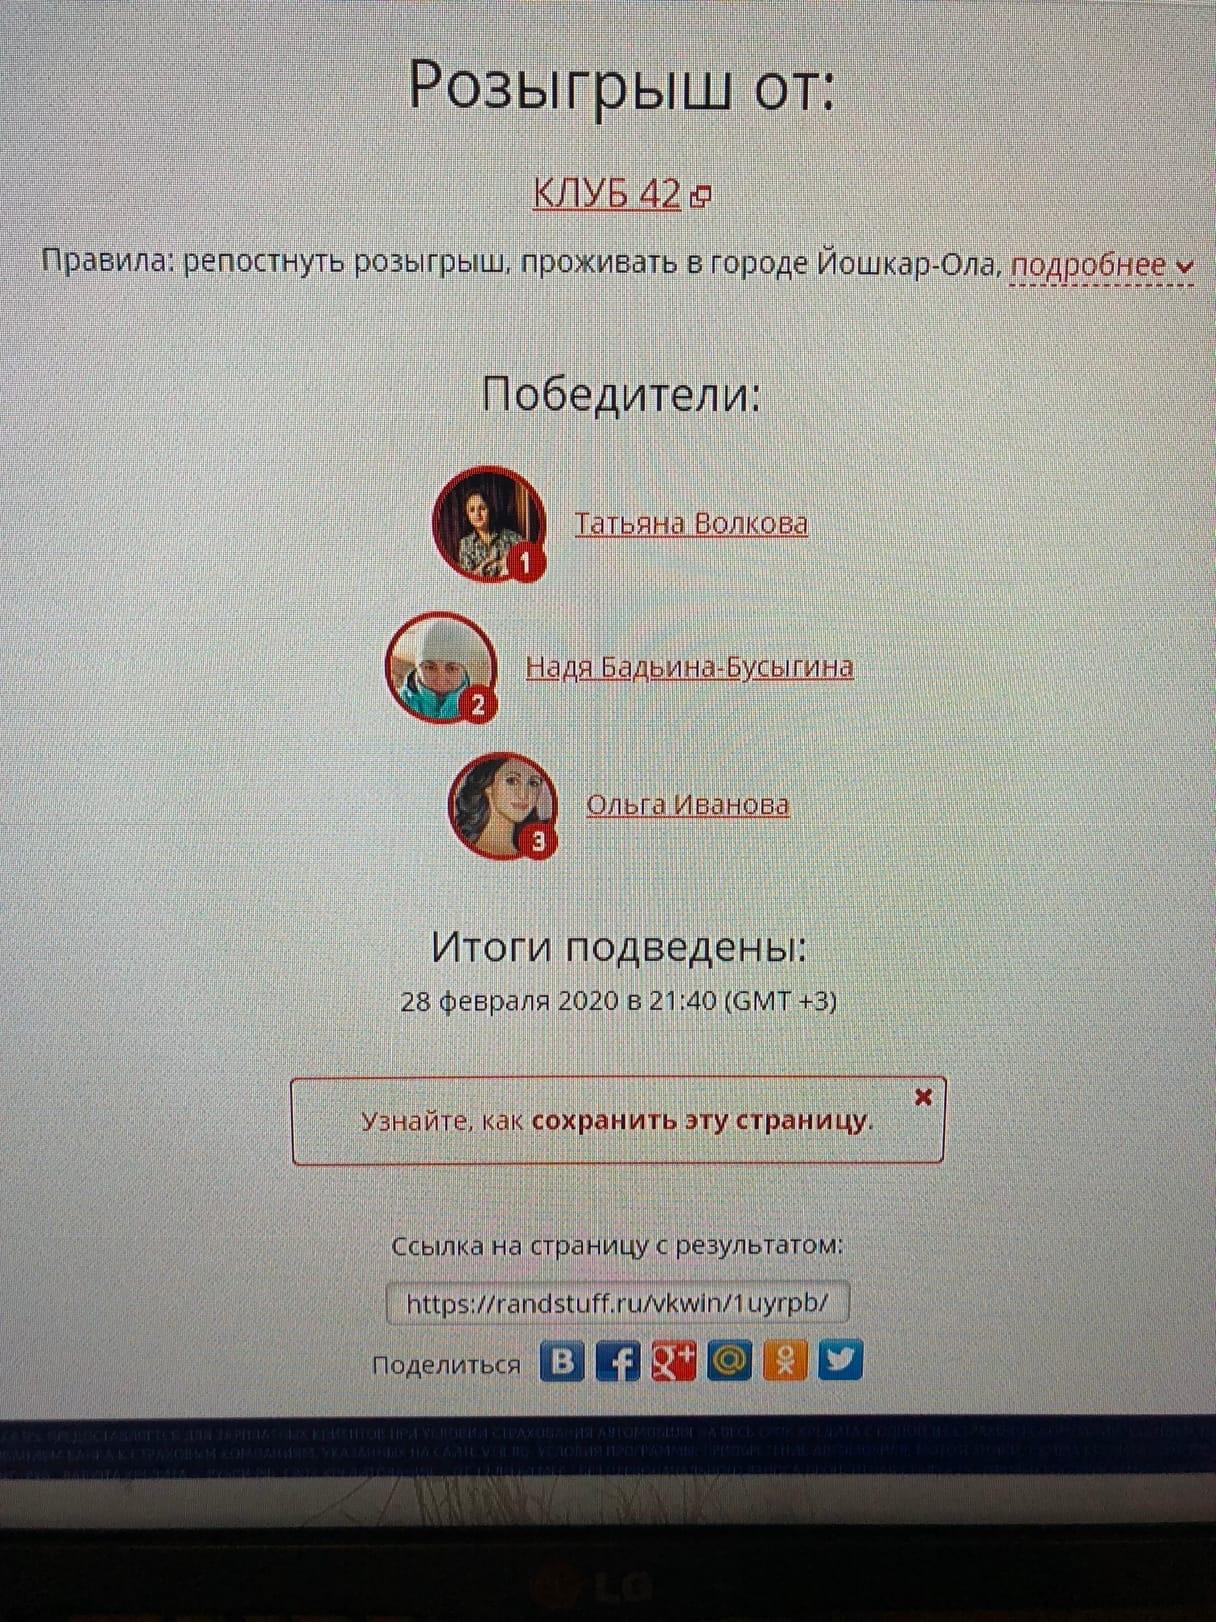 Кафе «КЛУБ 42» - Вконтакте